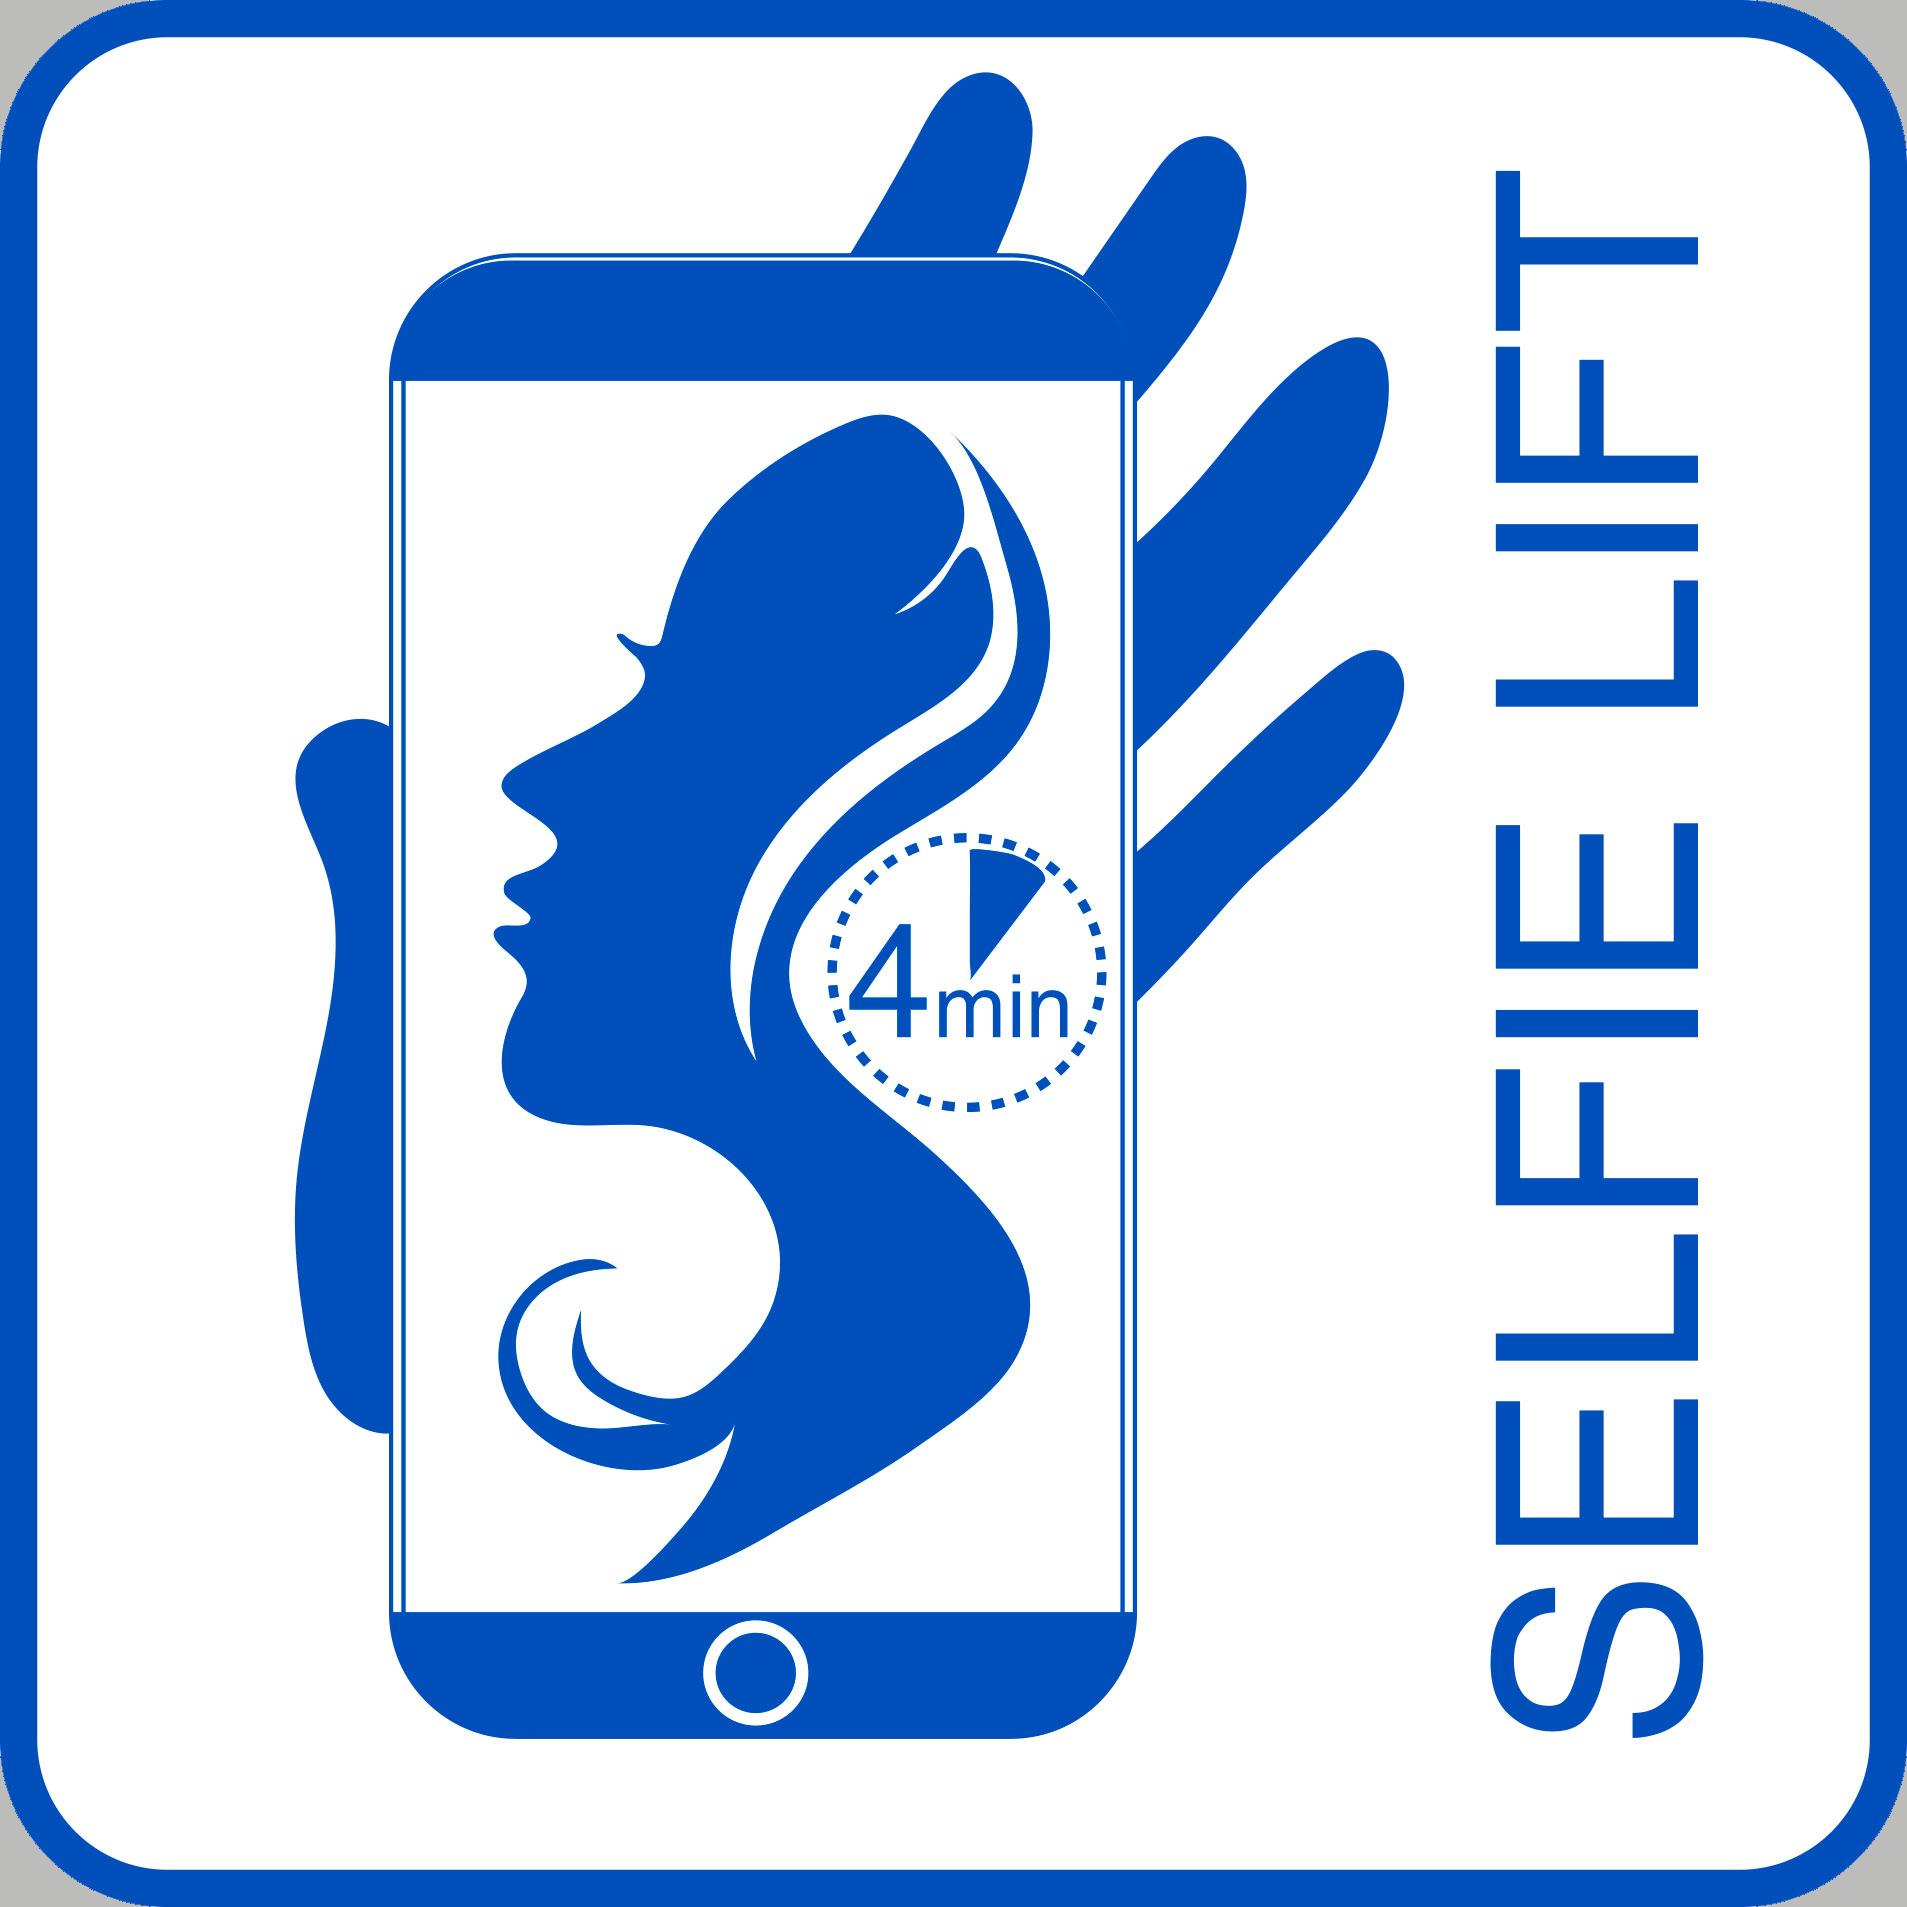 Selfie Lift